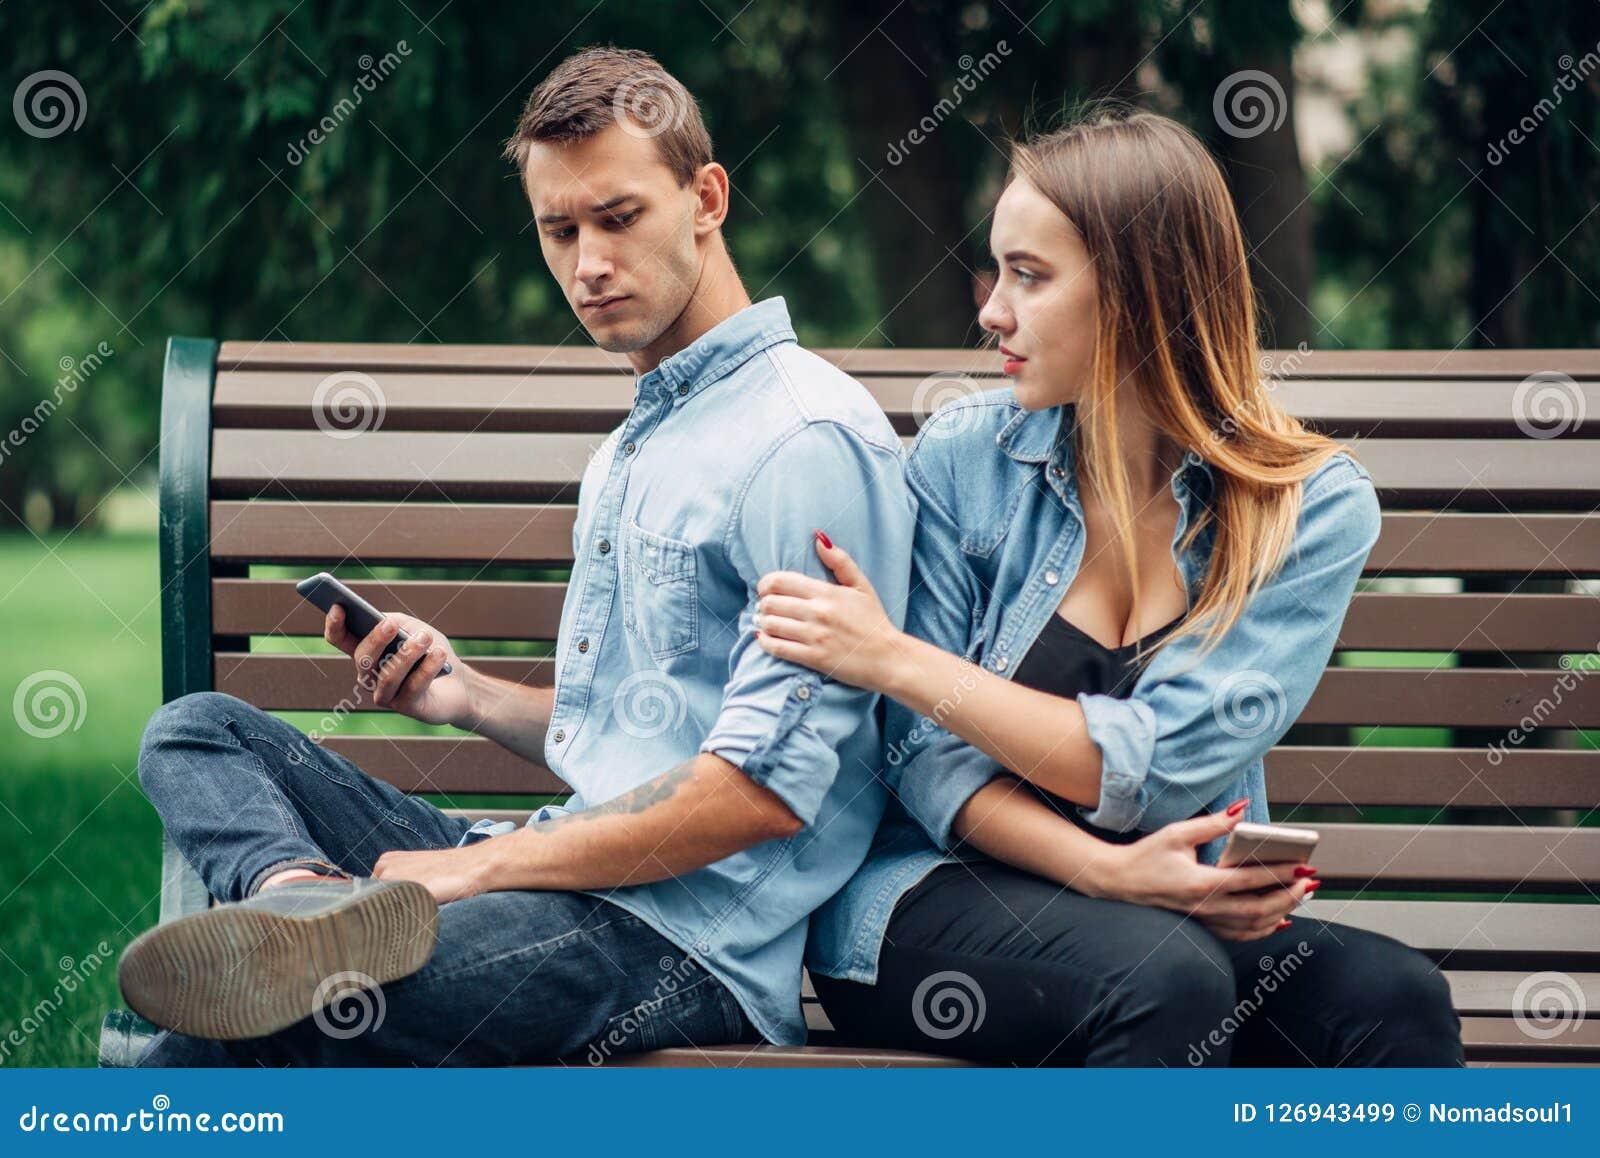 Personnes dépendantes de téléphone, homme ignorant sa femme